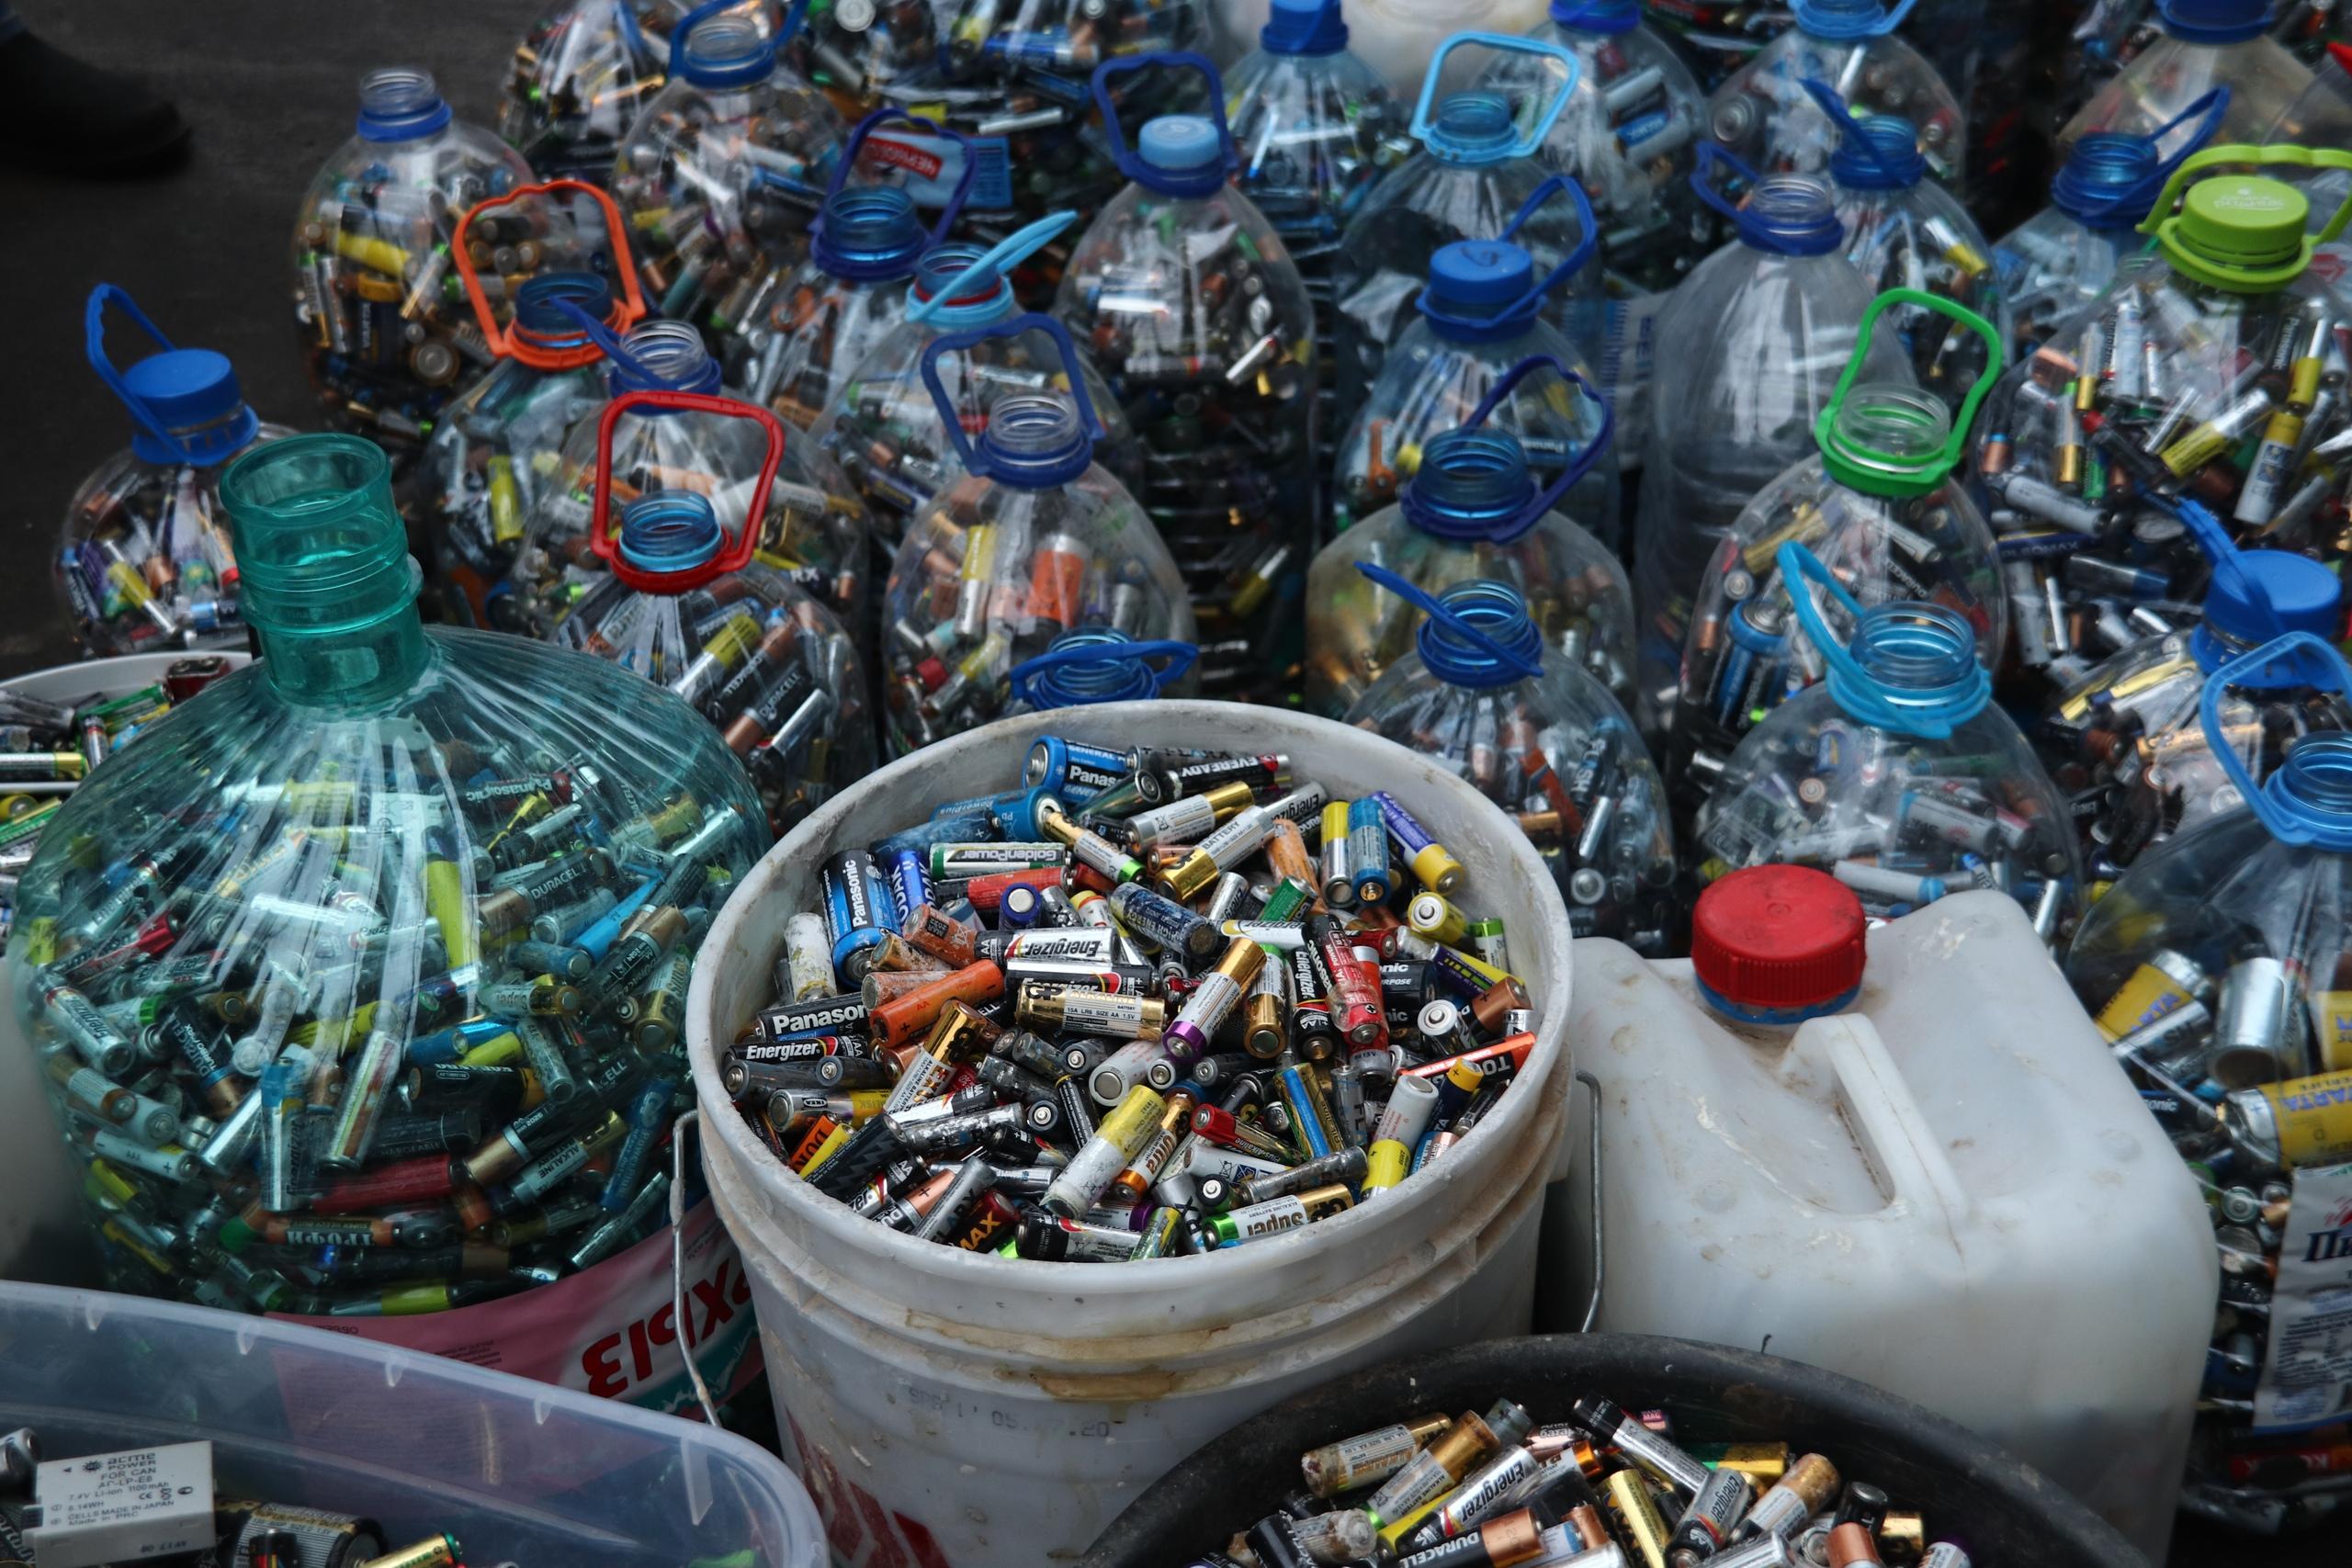 Более тонны батареек передали на переработку волонтеры Орехова-Борисова Южного